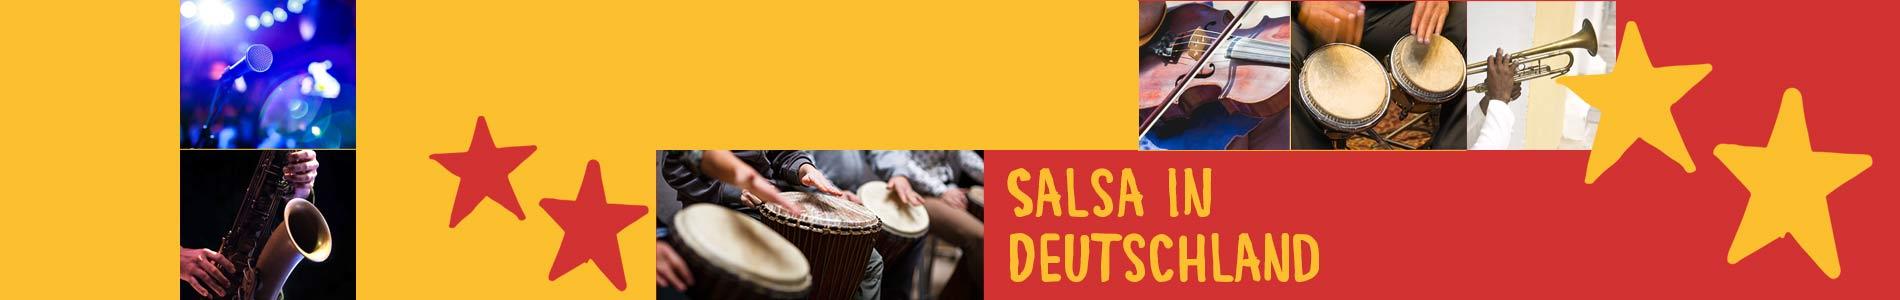 Salsa in Brandis – Salsa lernen und tanzen, Tanzkurse, Partys, Veranstaltungen